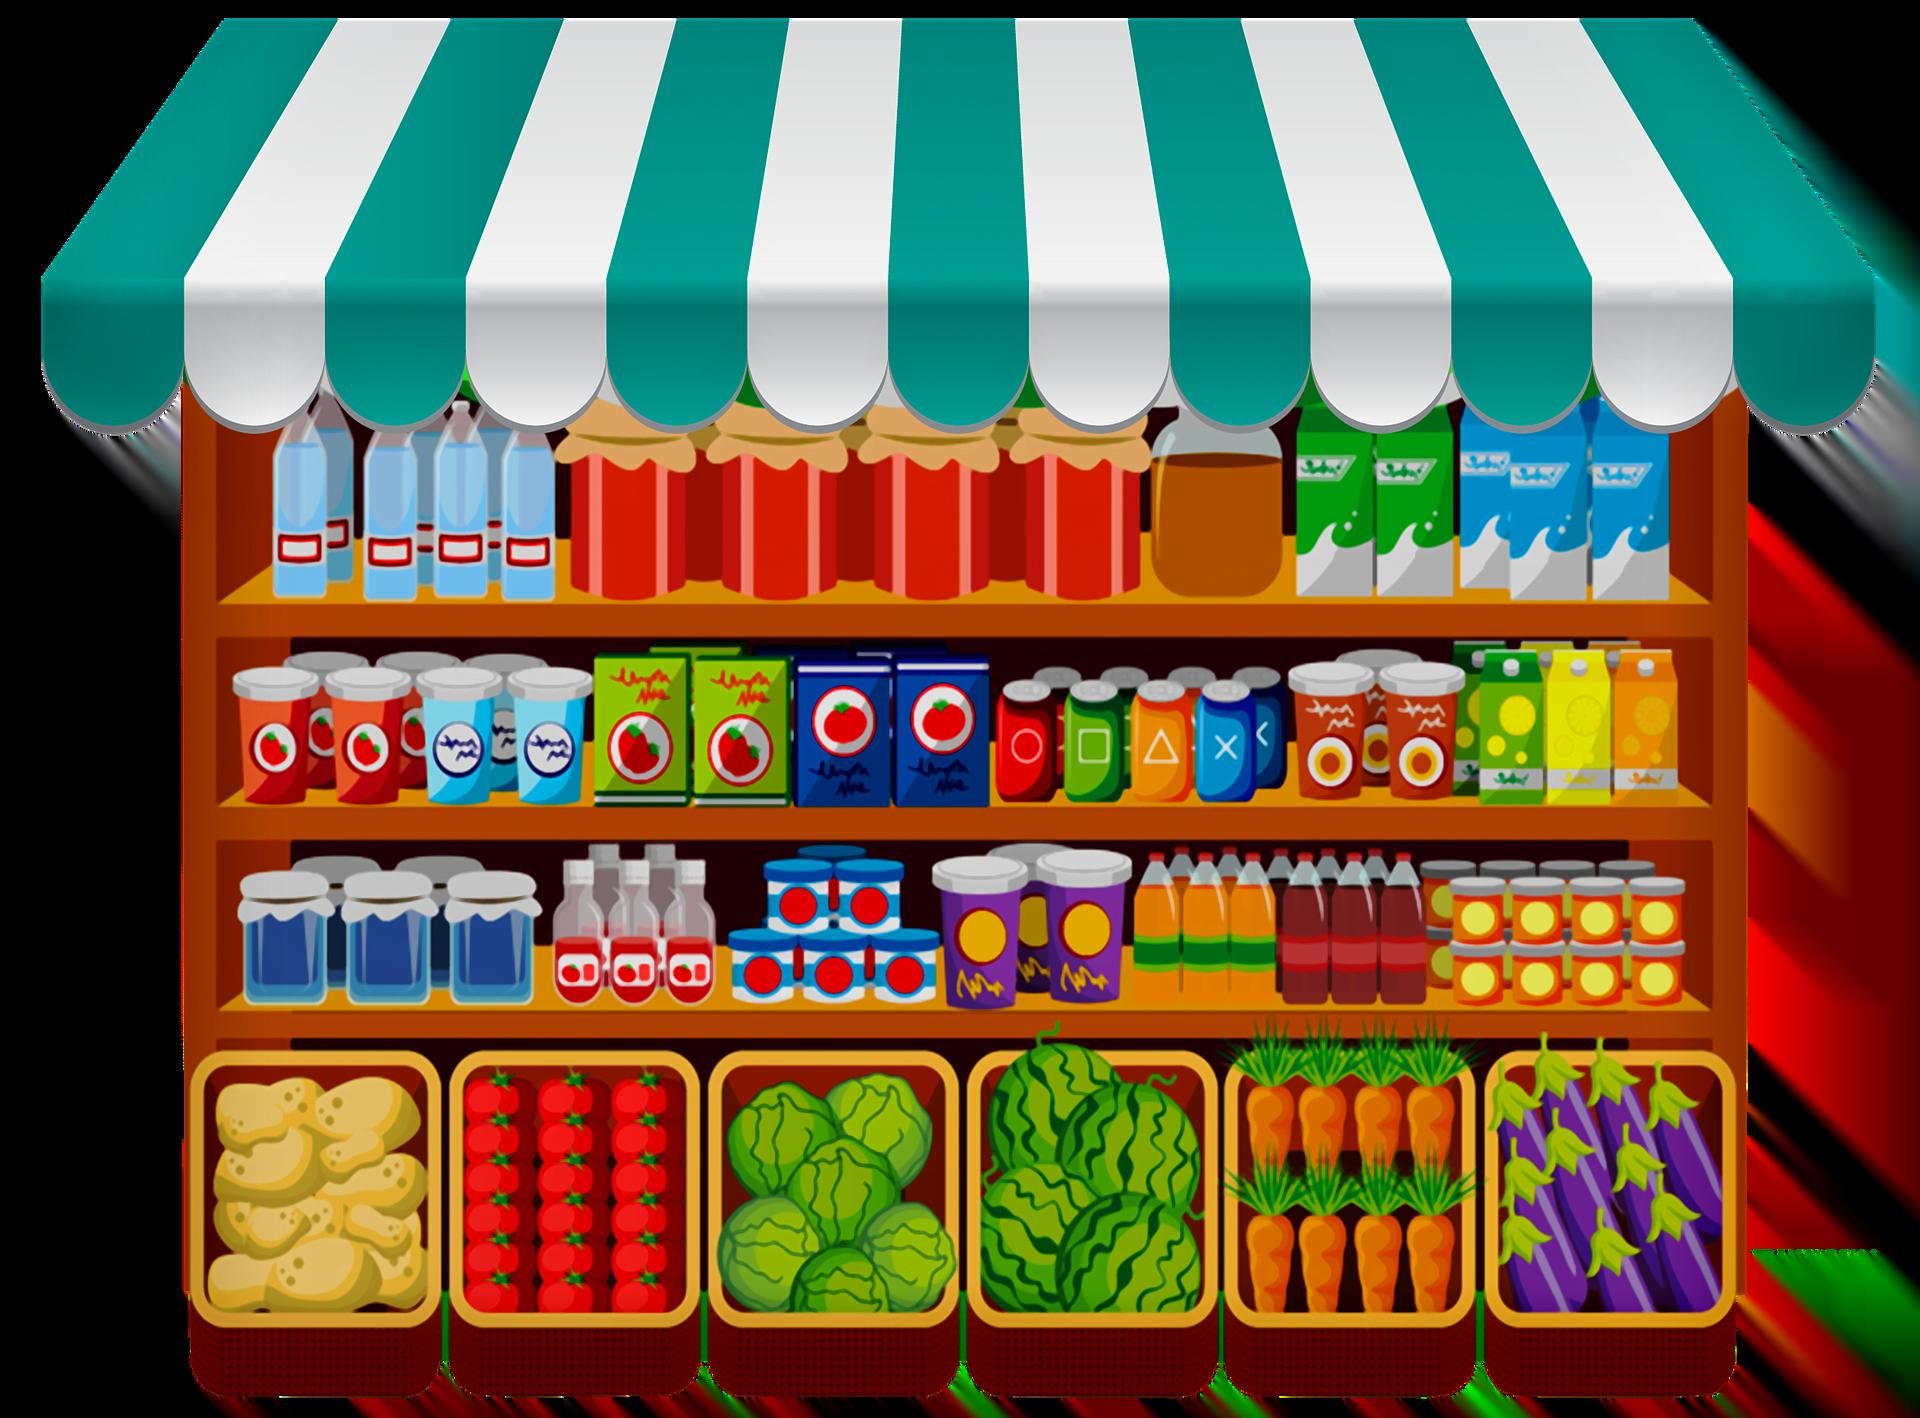 stoisko z warzywami i produktami spożywczymi